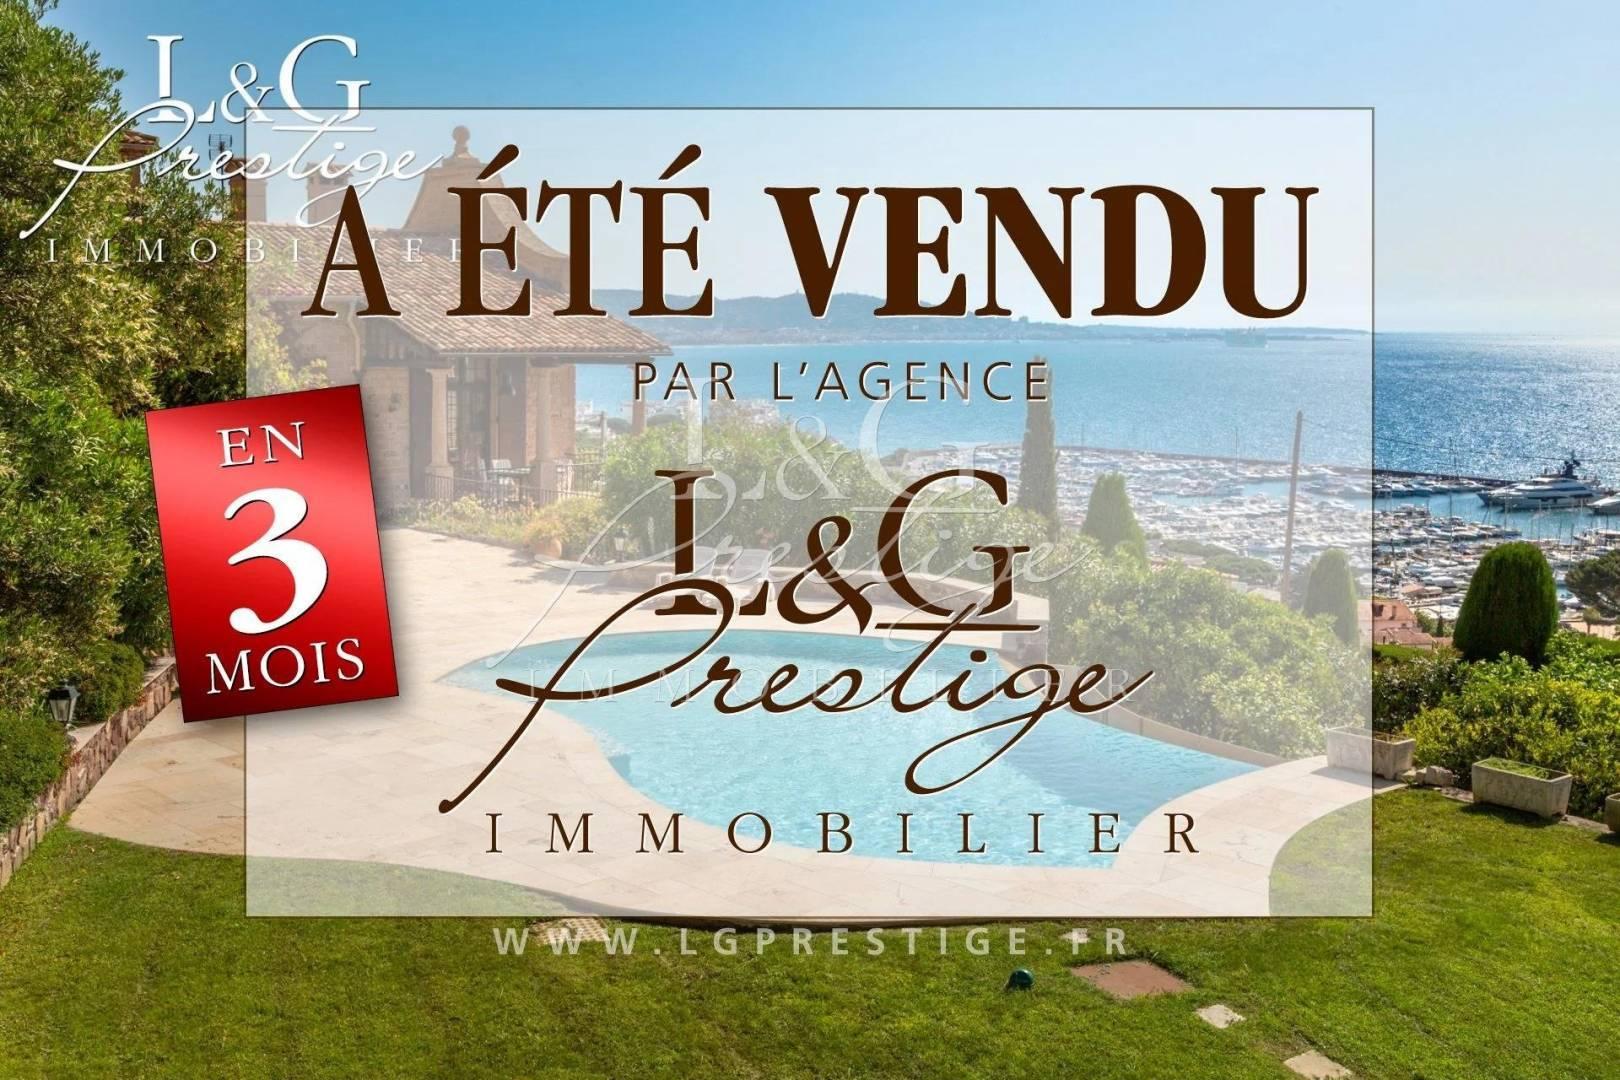 1 14 Mandelieu-la-Napoule